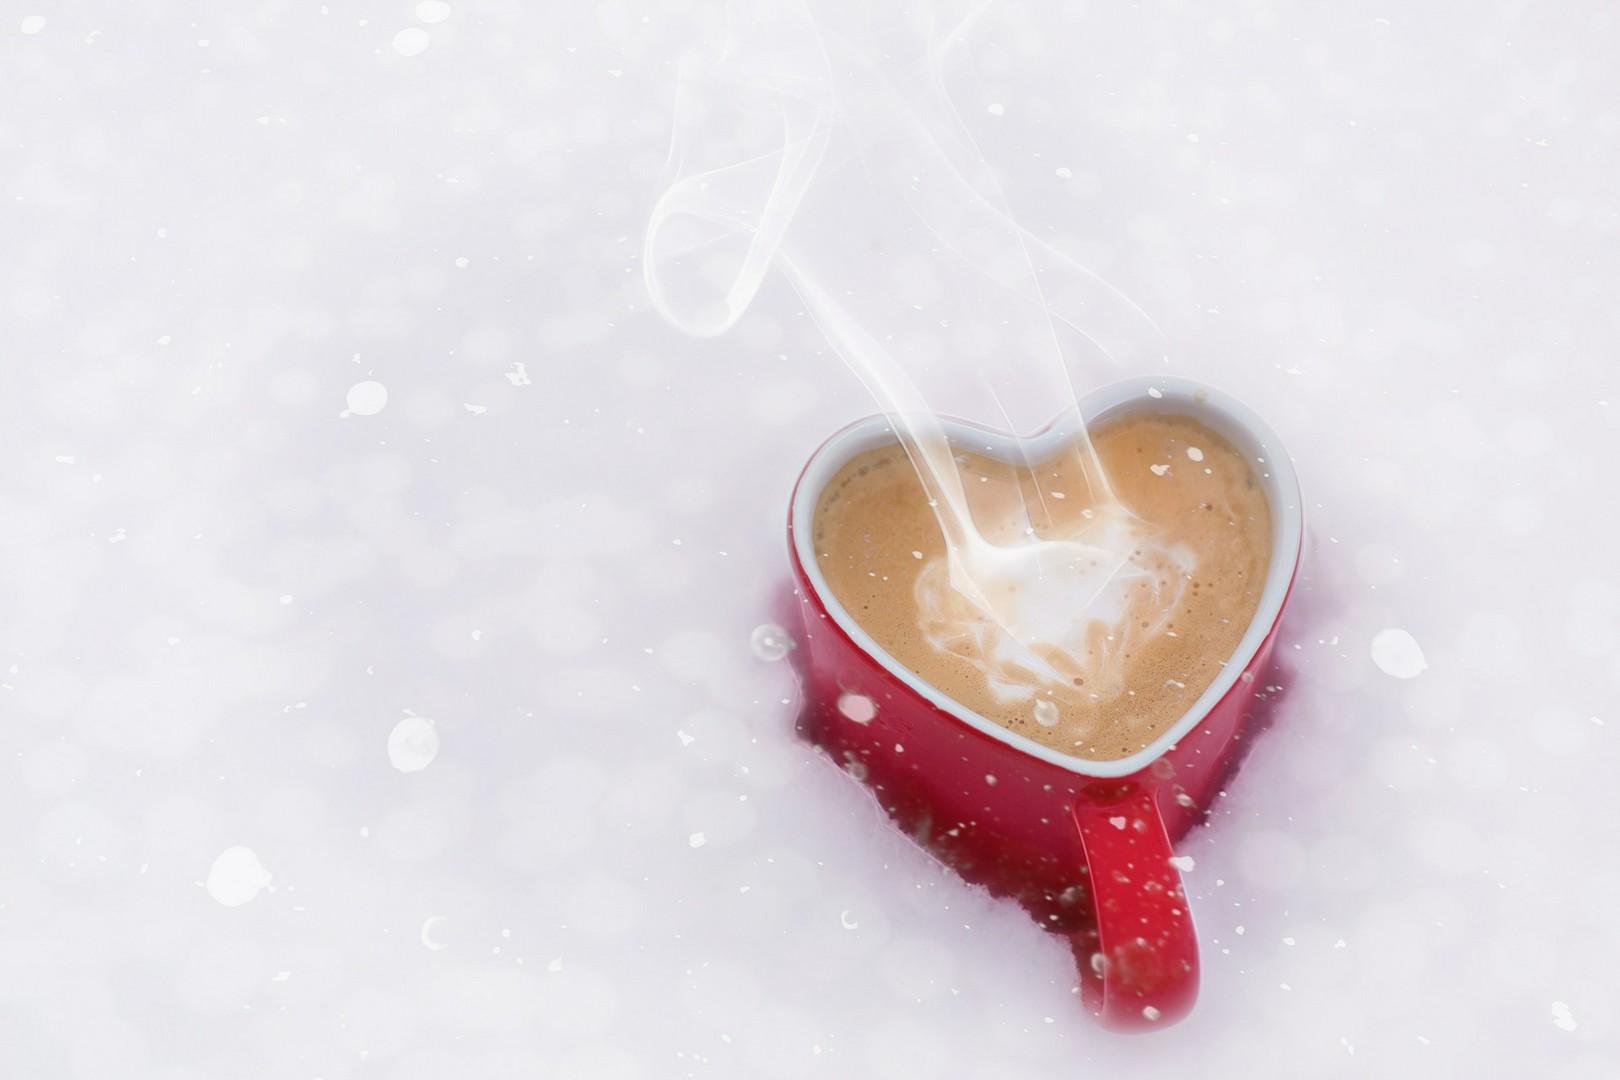 Чем отличается влюбленность от любви: 6 значимых фактов